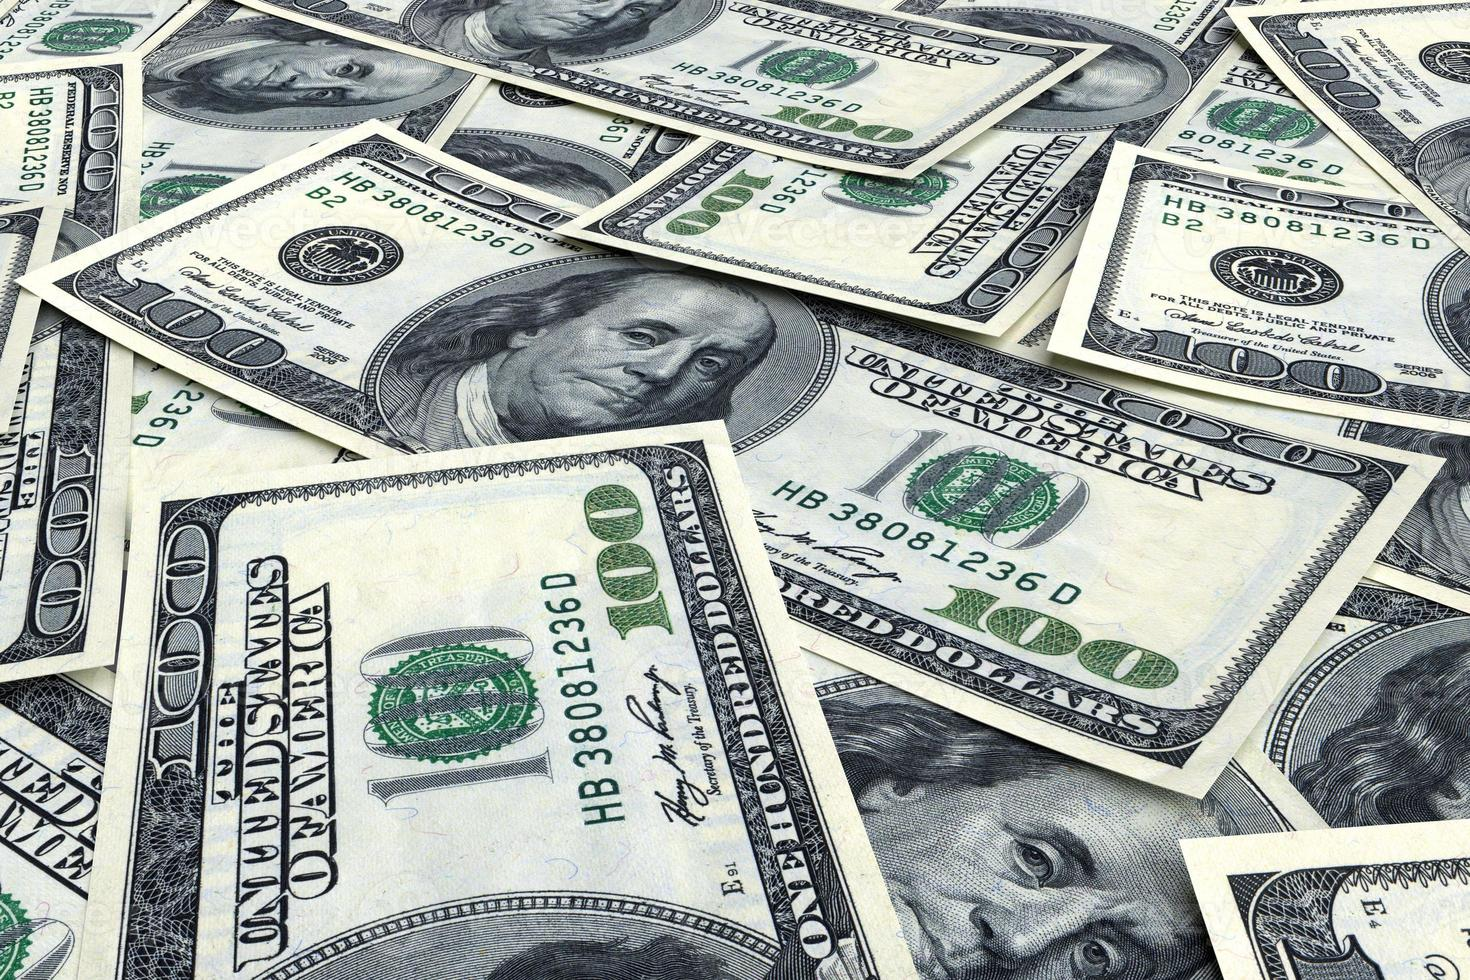 fond d'argent de dollars photo